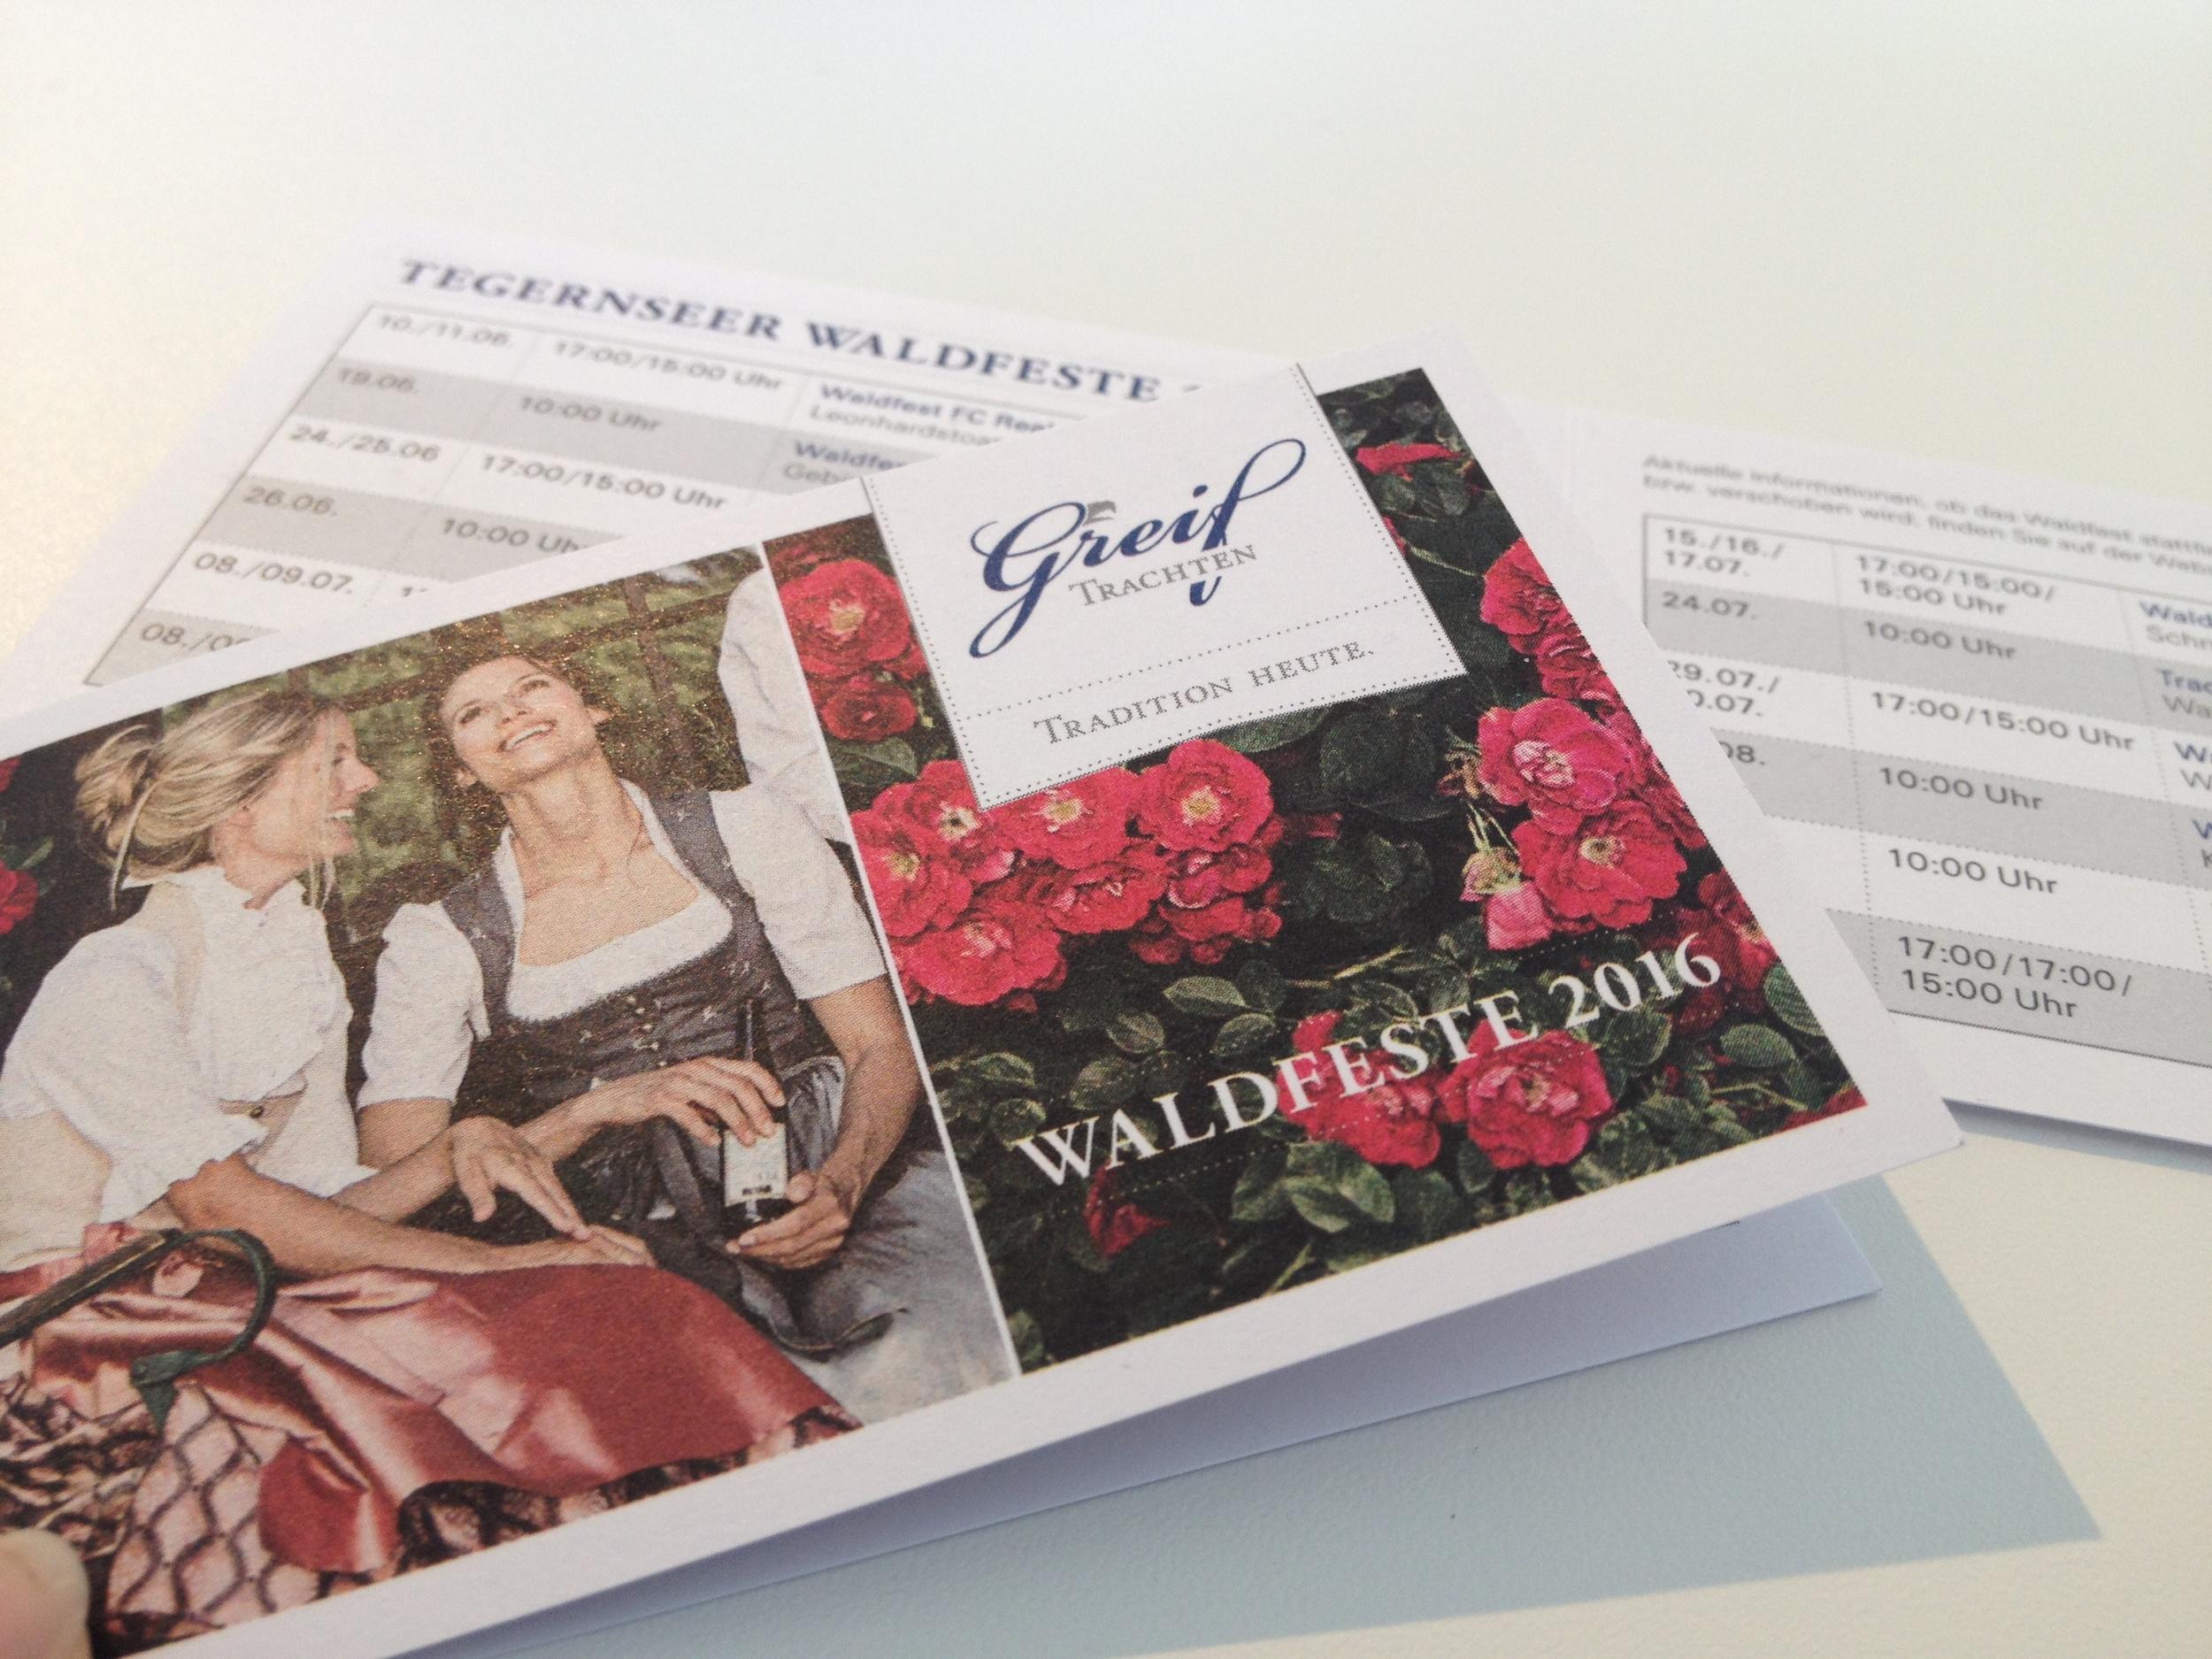 Bringt sie wieder sicher durch die Waldfestsaison:Unser praktischer Waldfestkalender mit allen Terminen im handlichen Format. Ab sofort bei uns im Geschäft erhältlich.